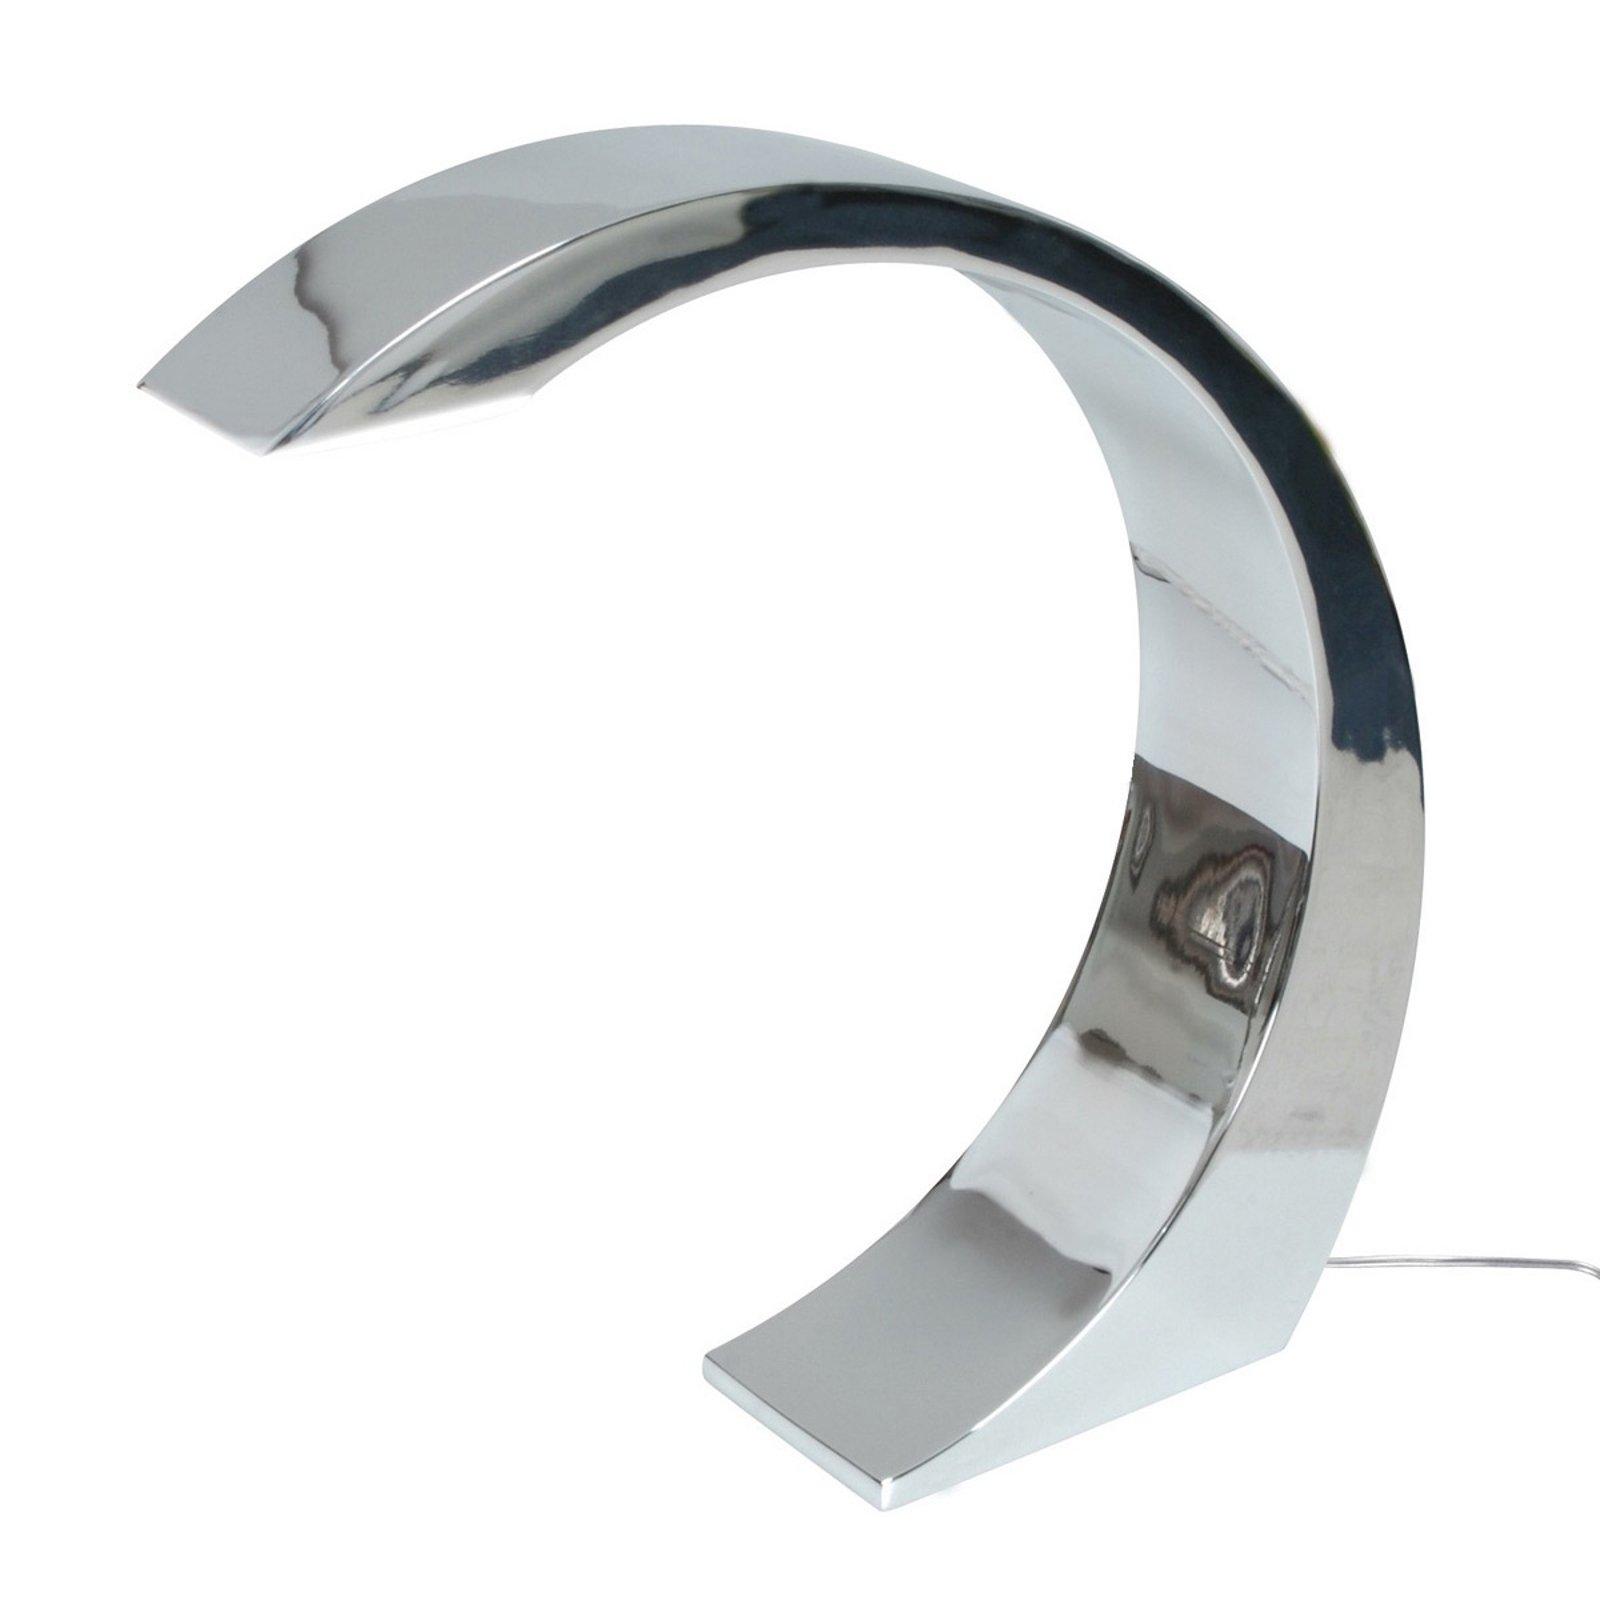 LED-bordlampe NAMI høyde 33 cm krom